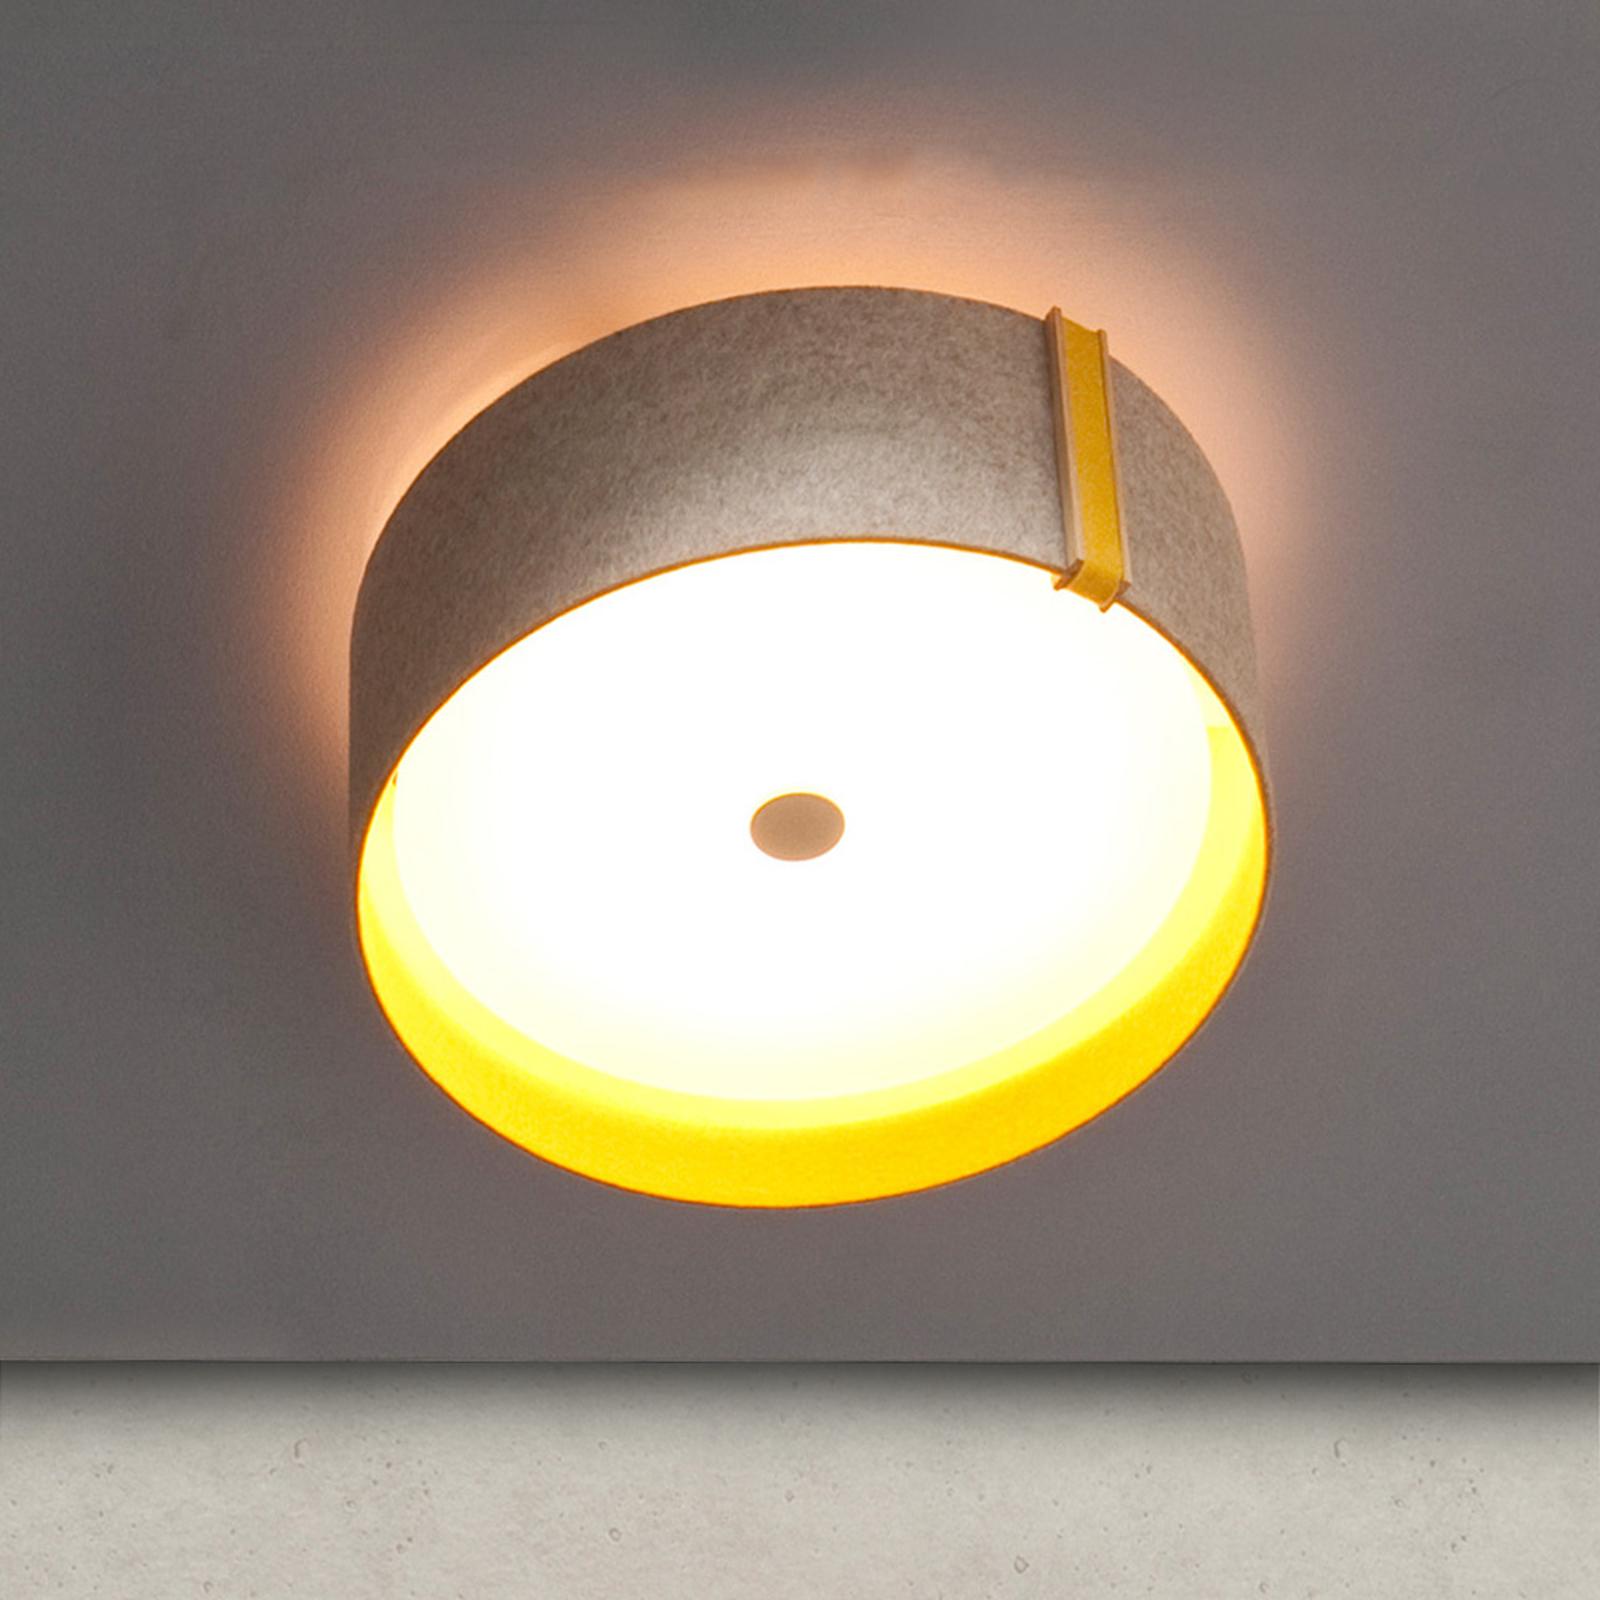 Plafoniera LED Lara felt in feltro grigio-curry